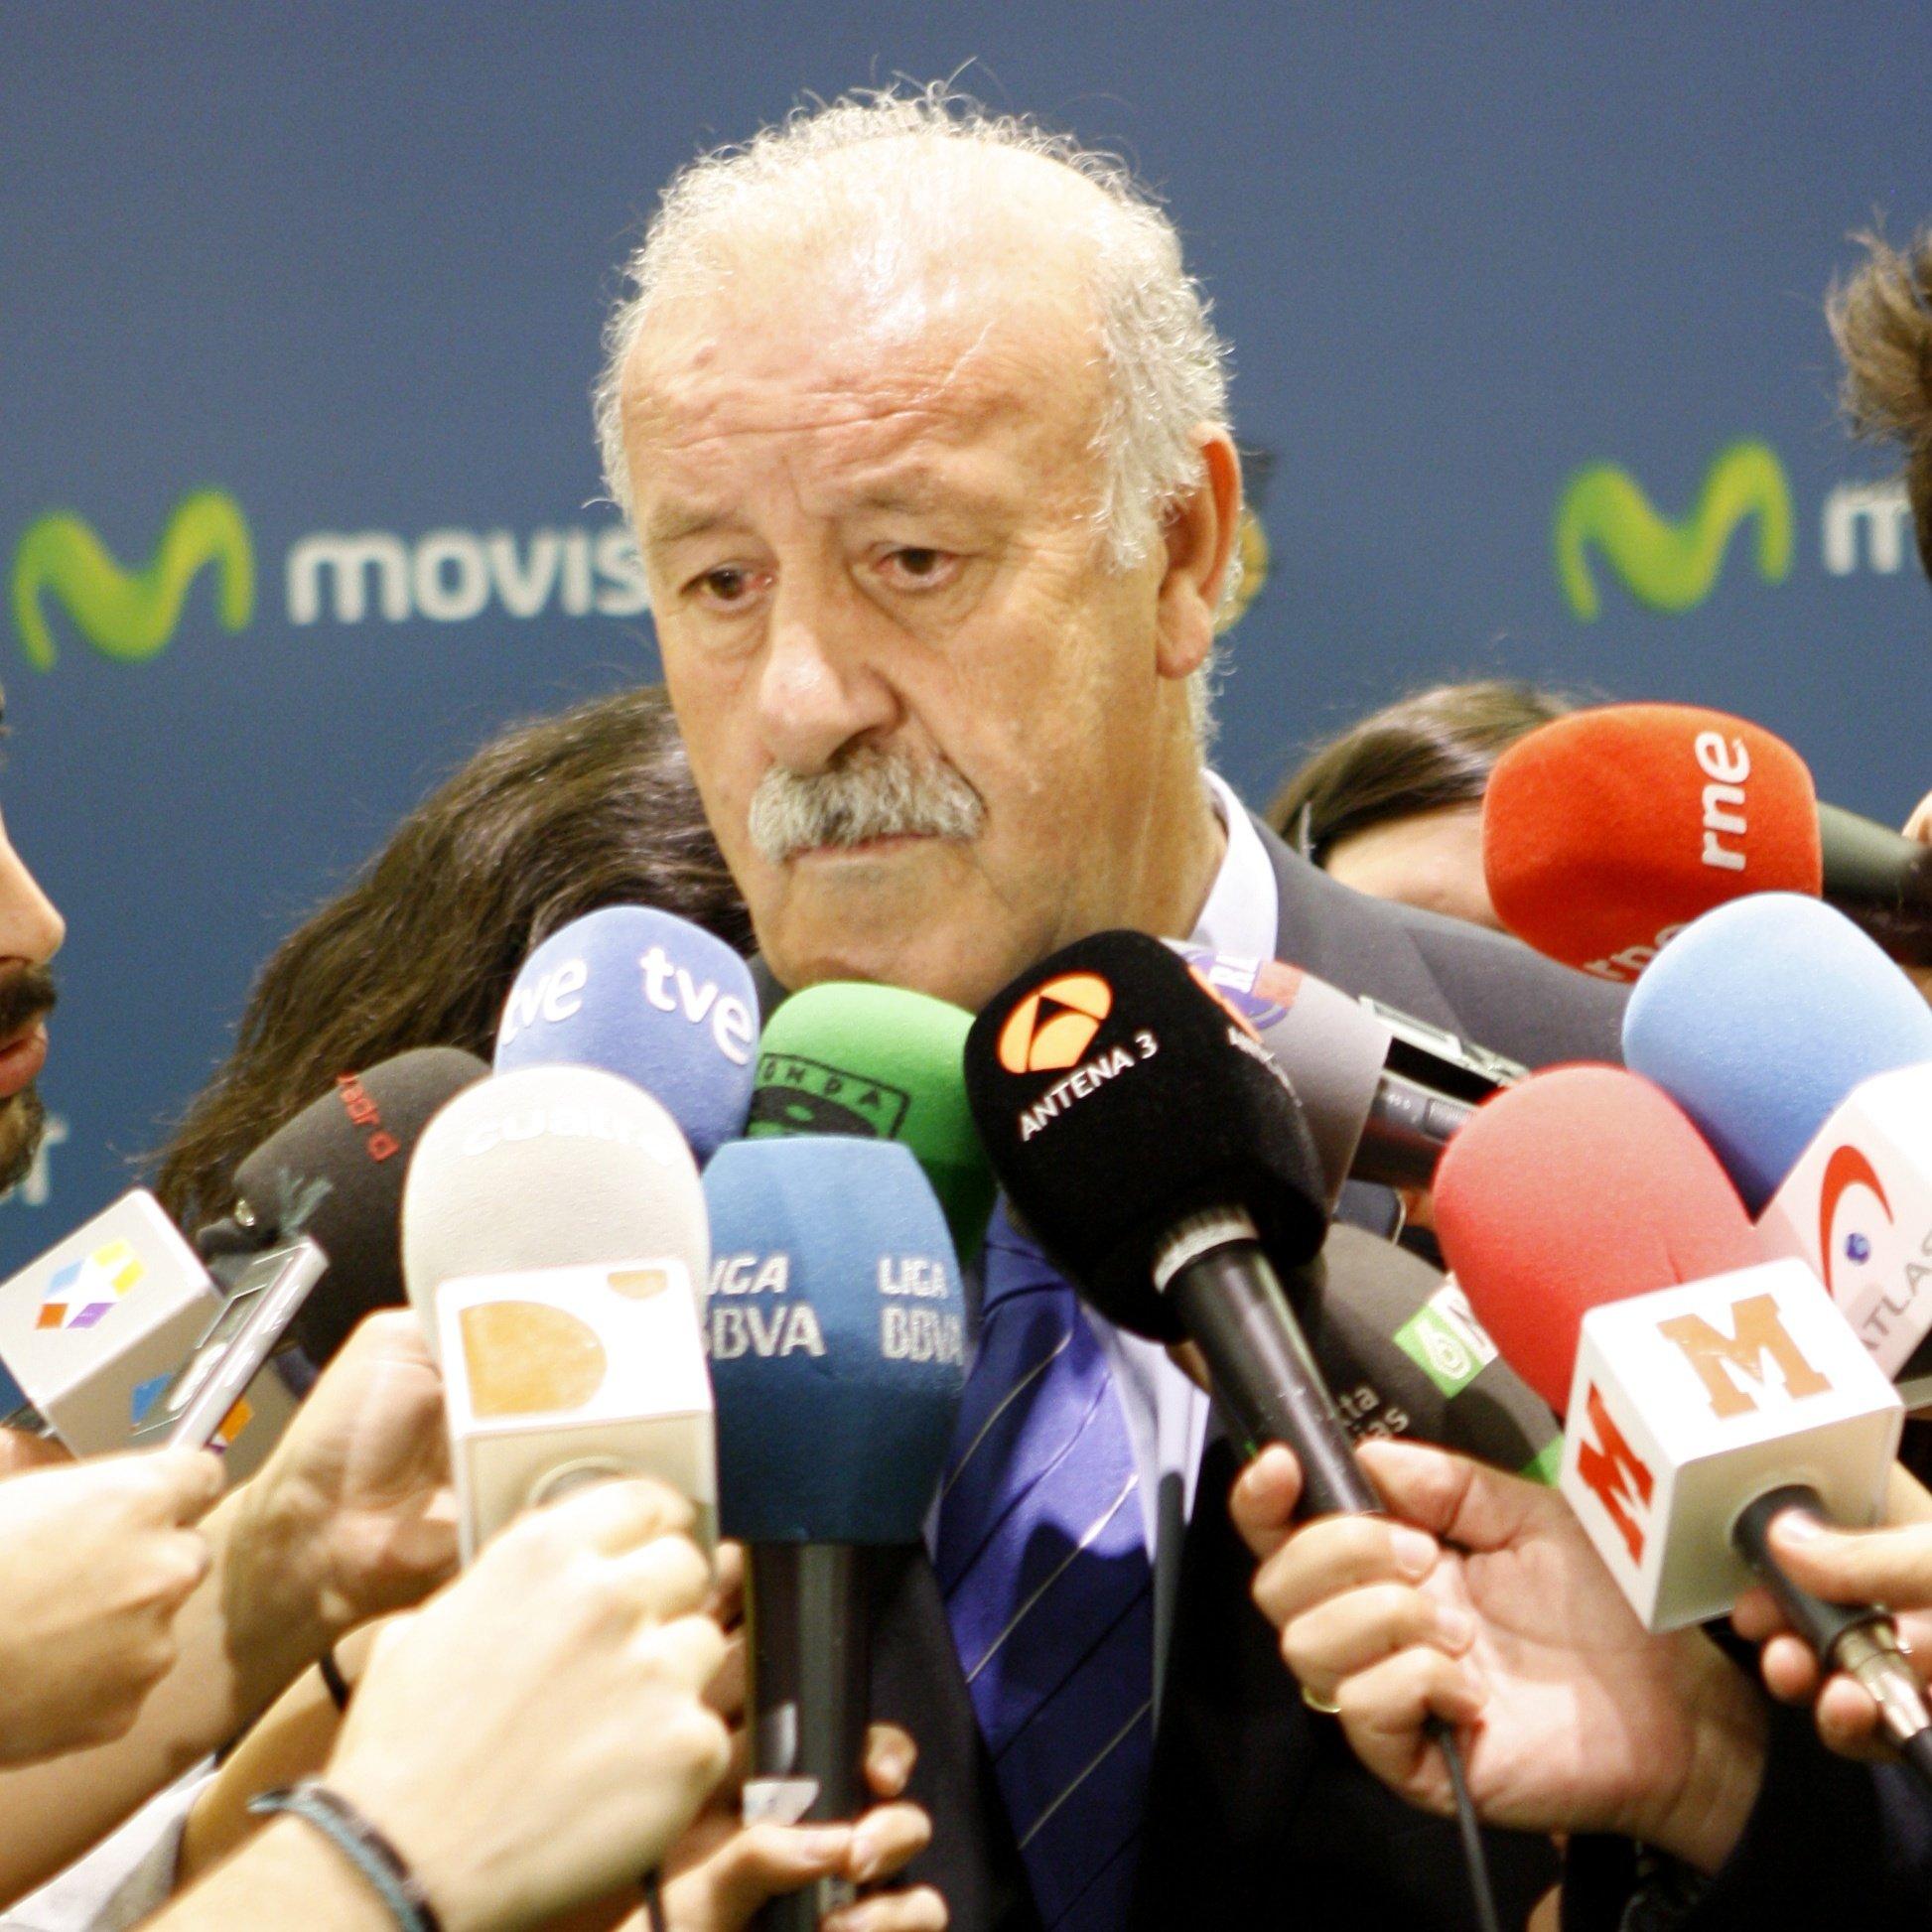 Del Bosque apadrina los »Días del deporte 2012» para impulsar el deporte base en Las Rozas, Pozuelo y Boadilla